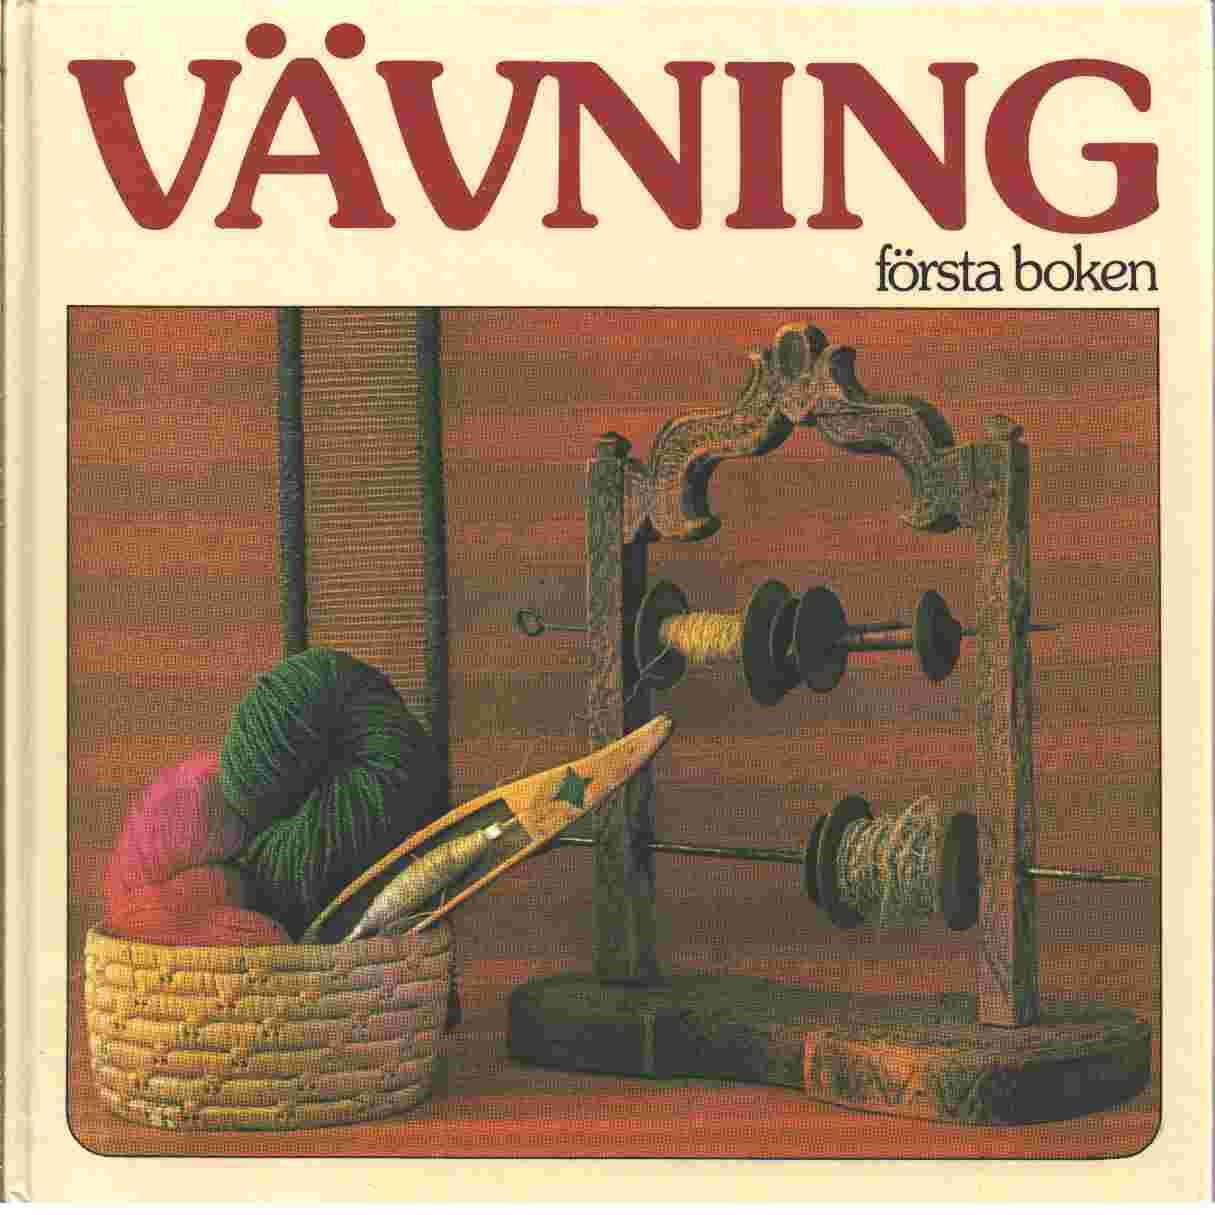 Vävning : första boken -  Brodén, Märta